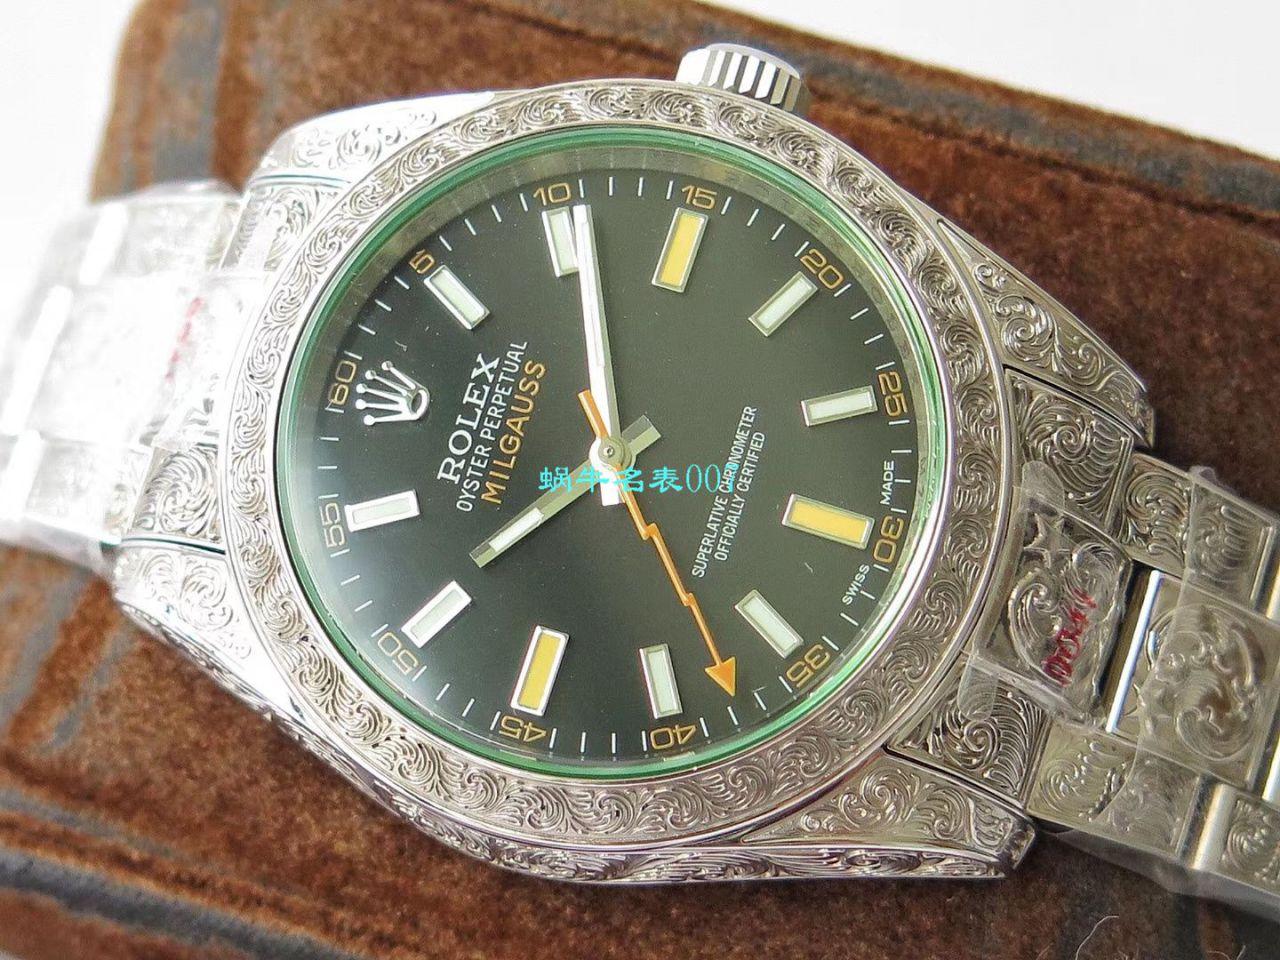 DJ创新之作,以劳力士Milgauss为雏形配合业内最顶尖的篆刻手艺,ROLEX Milgauss雕花纹身腕表